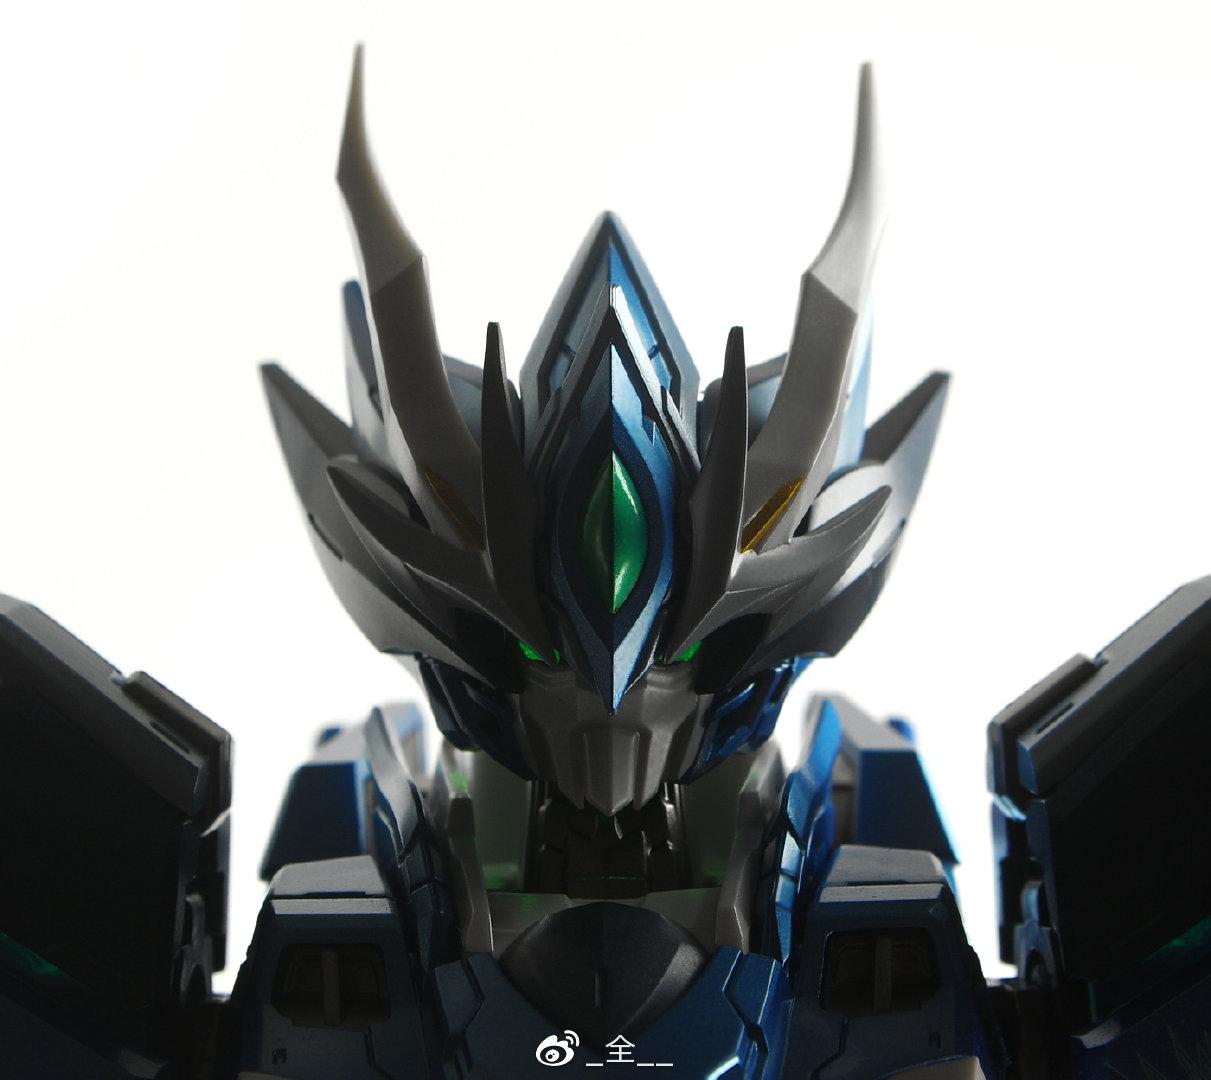 S470_MOTOR_NUCLEAR_MN_Q03_blue_gragon_ao_bing_di_hui_xing_han_long_zi_023.jpg